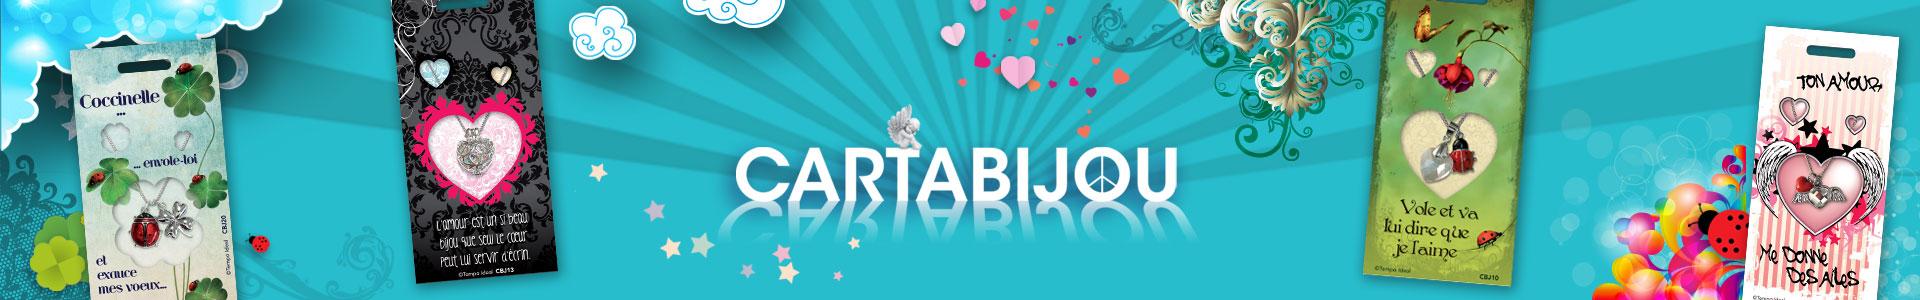 Cartabijou